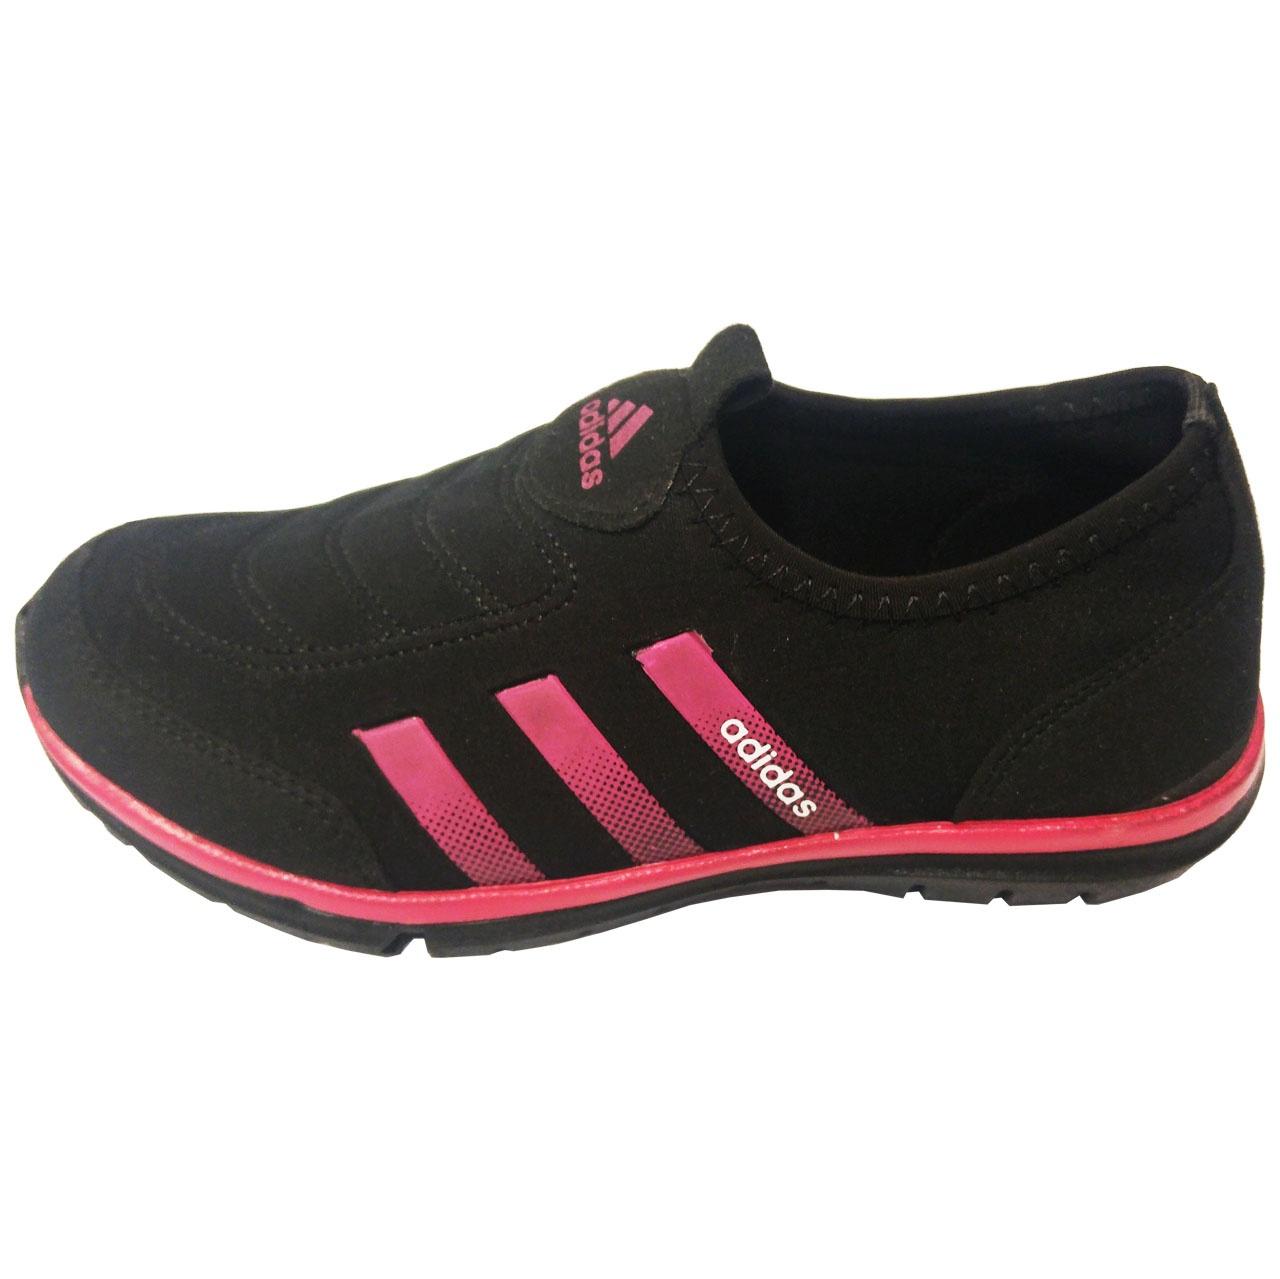 تصویر کفش مخصوص پیاده روی زنانه مدل البرز کد 001/013